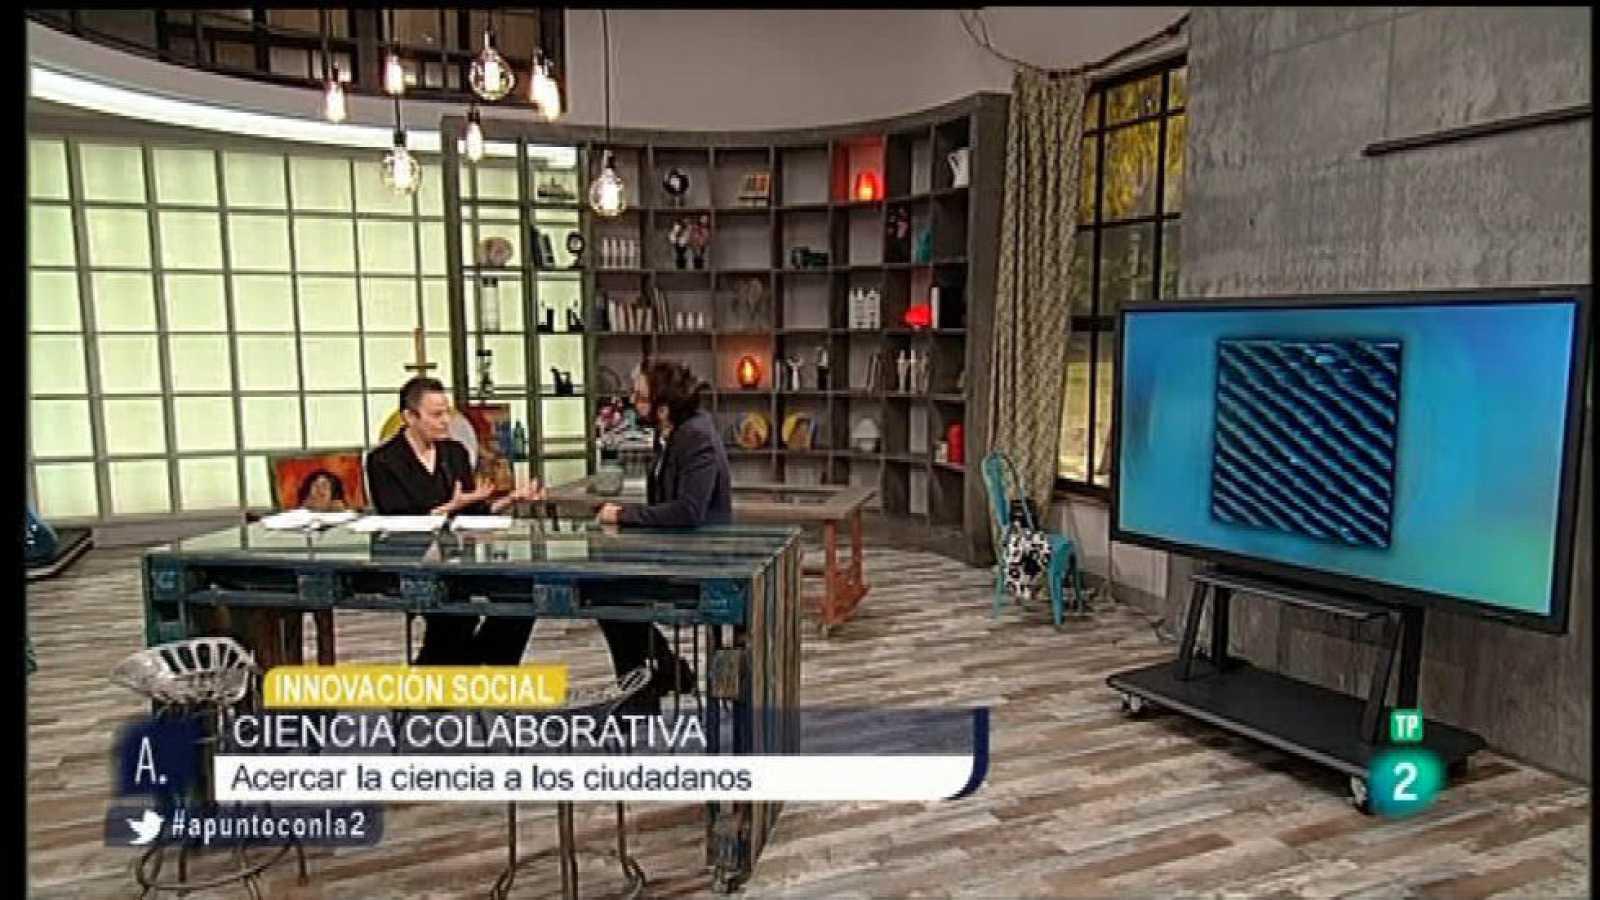 A punto para vivir - Innovación social con Antonella Broglia: investigaciones científicas